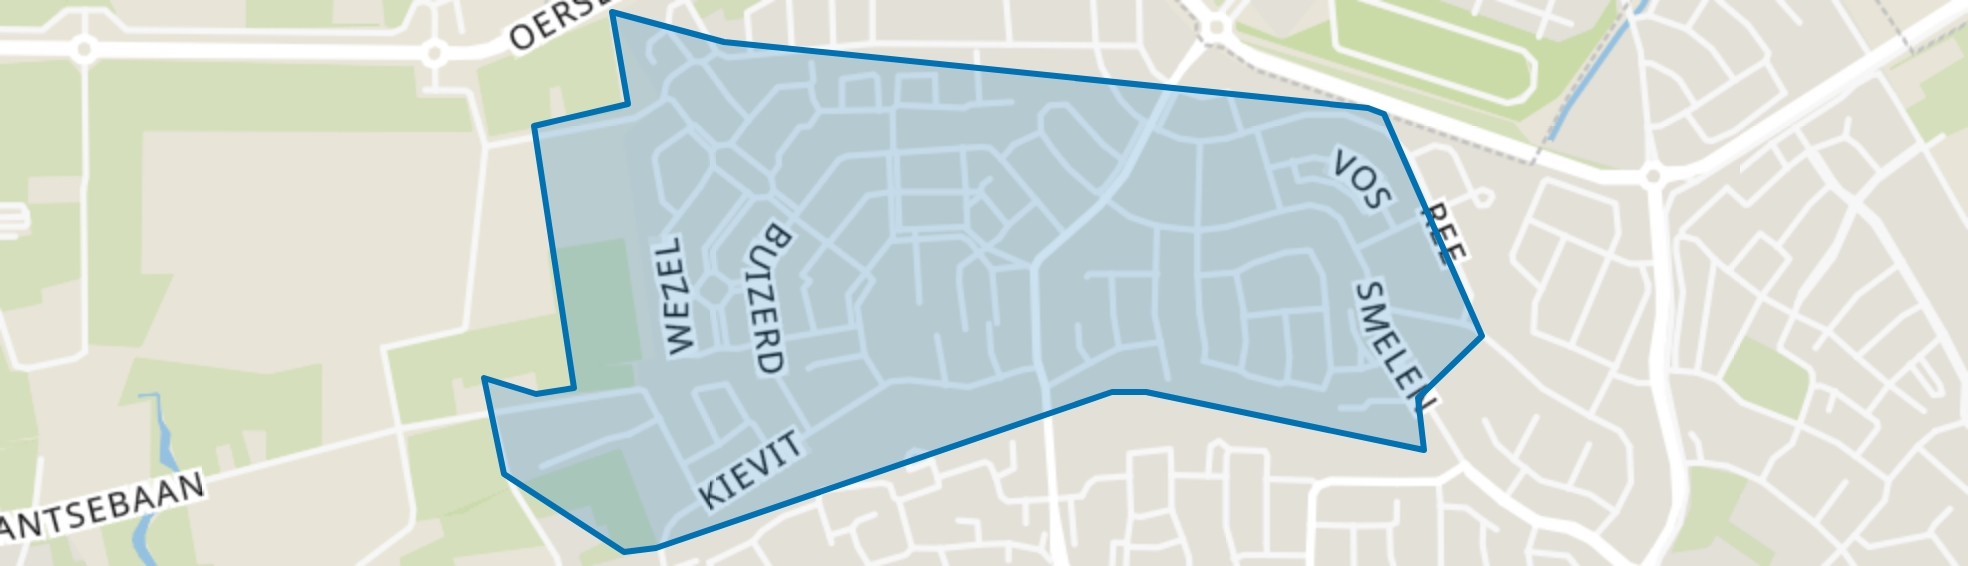 De Kelen, Veldhoven map